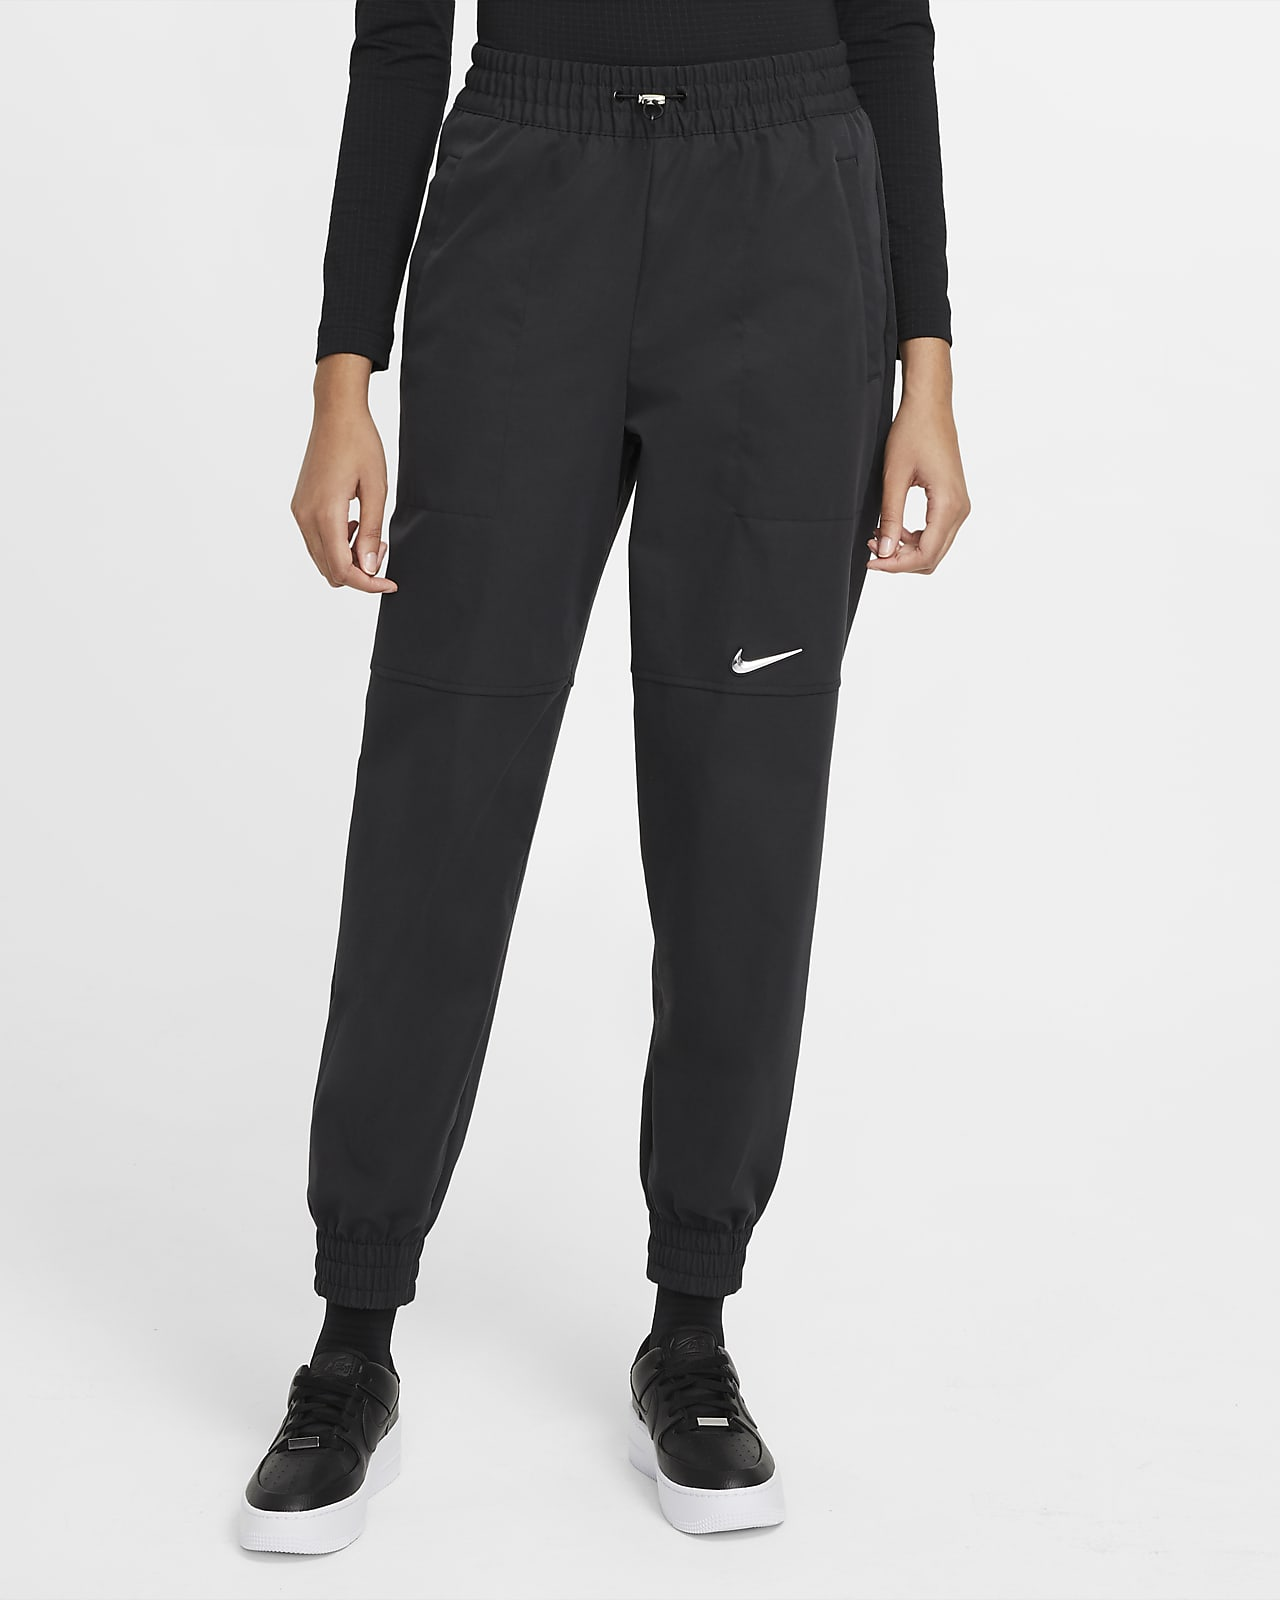 Nike Sportswear Swoosh Geweven damesbroek